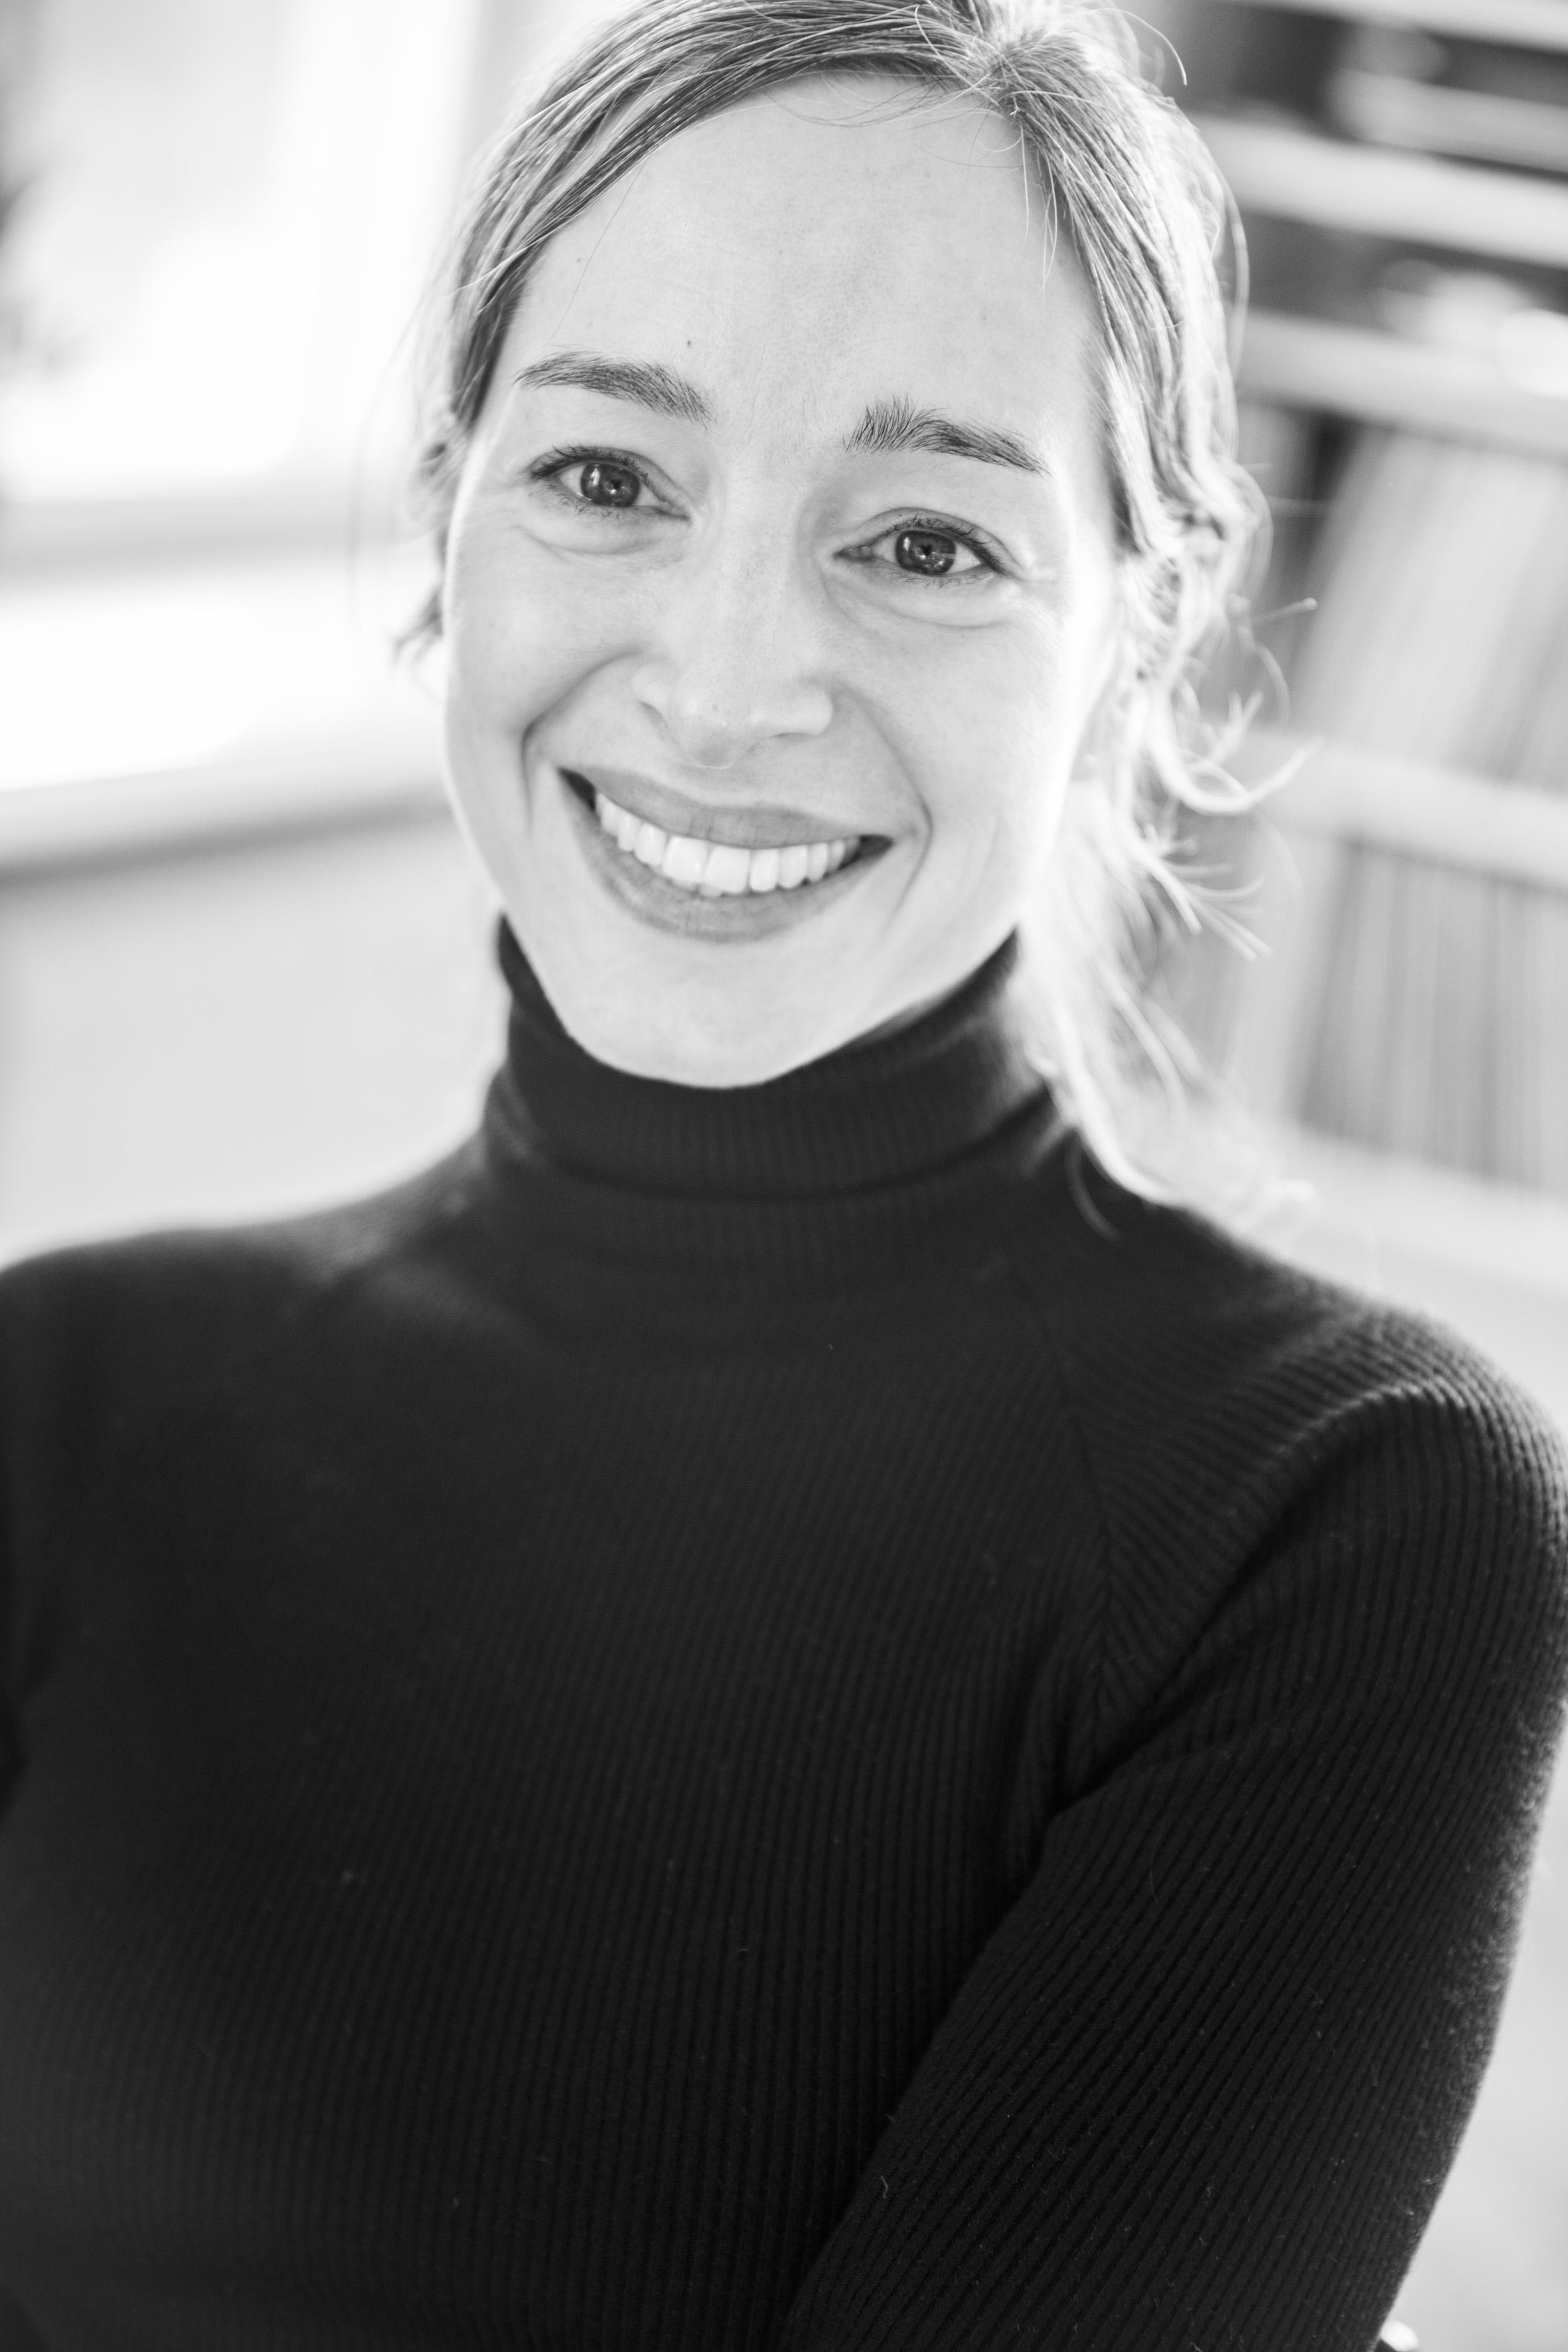 Aleksandra Stratimirovic från Sverige var en av deltagarna i London Lumiere där hon visade Northern Lights.